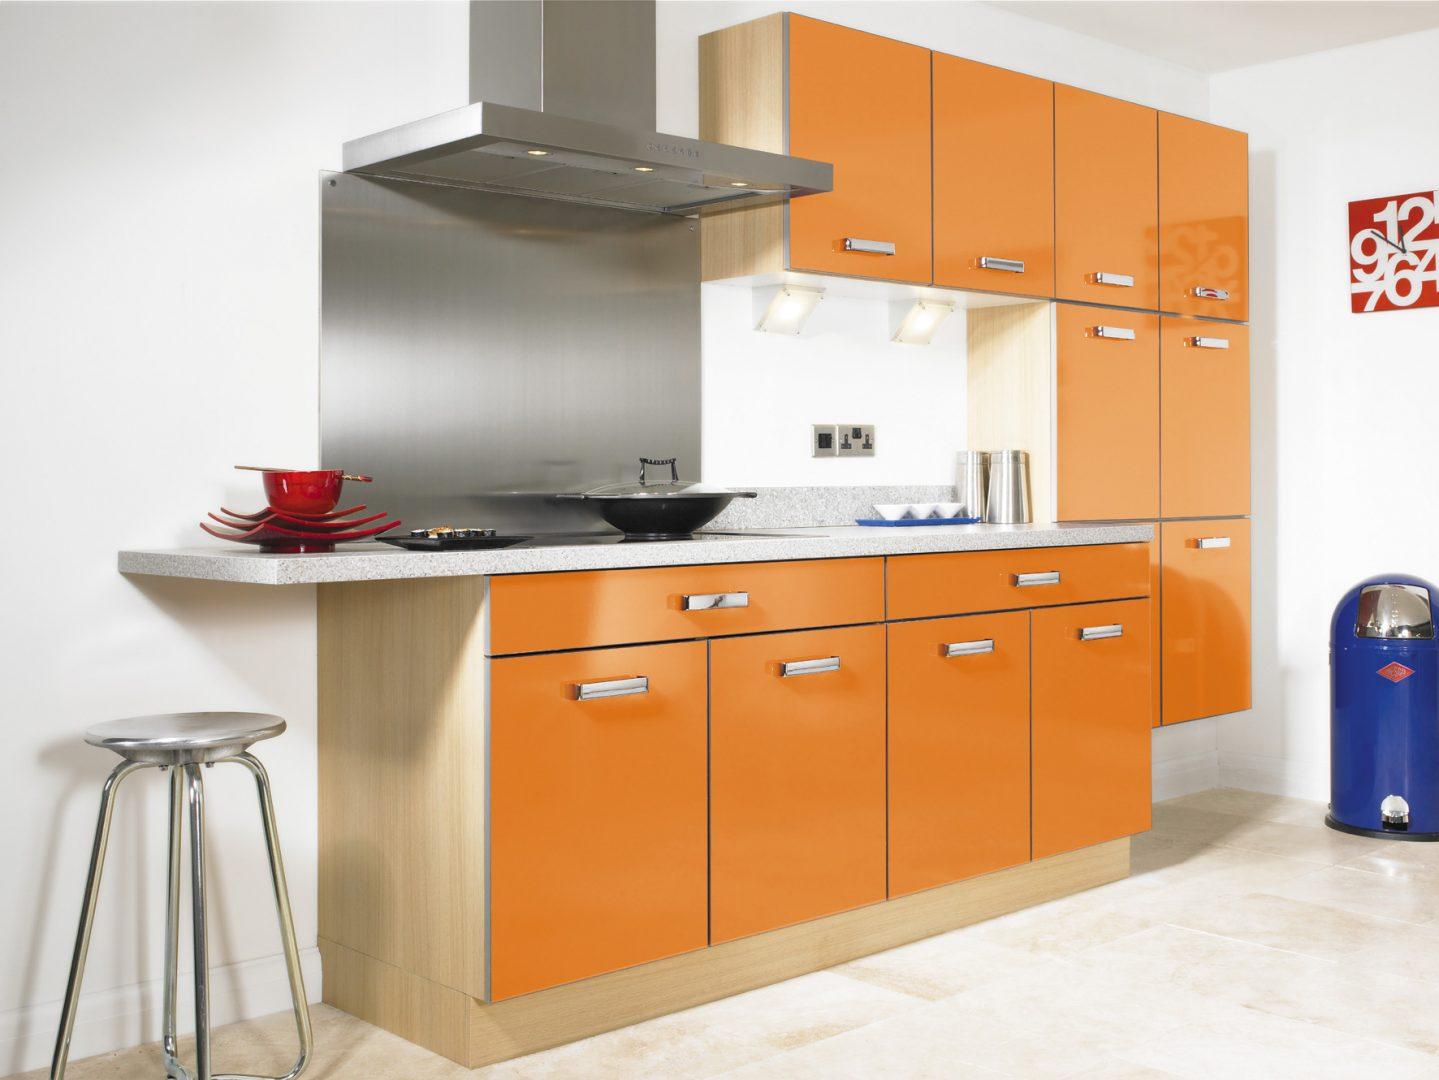 Cocina naranja  Imgenes y fotos